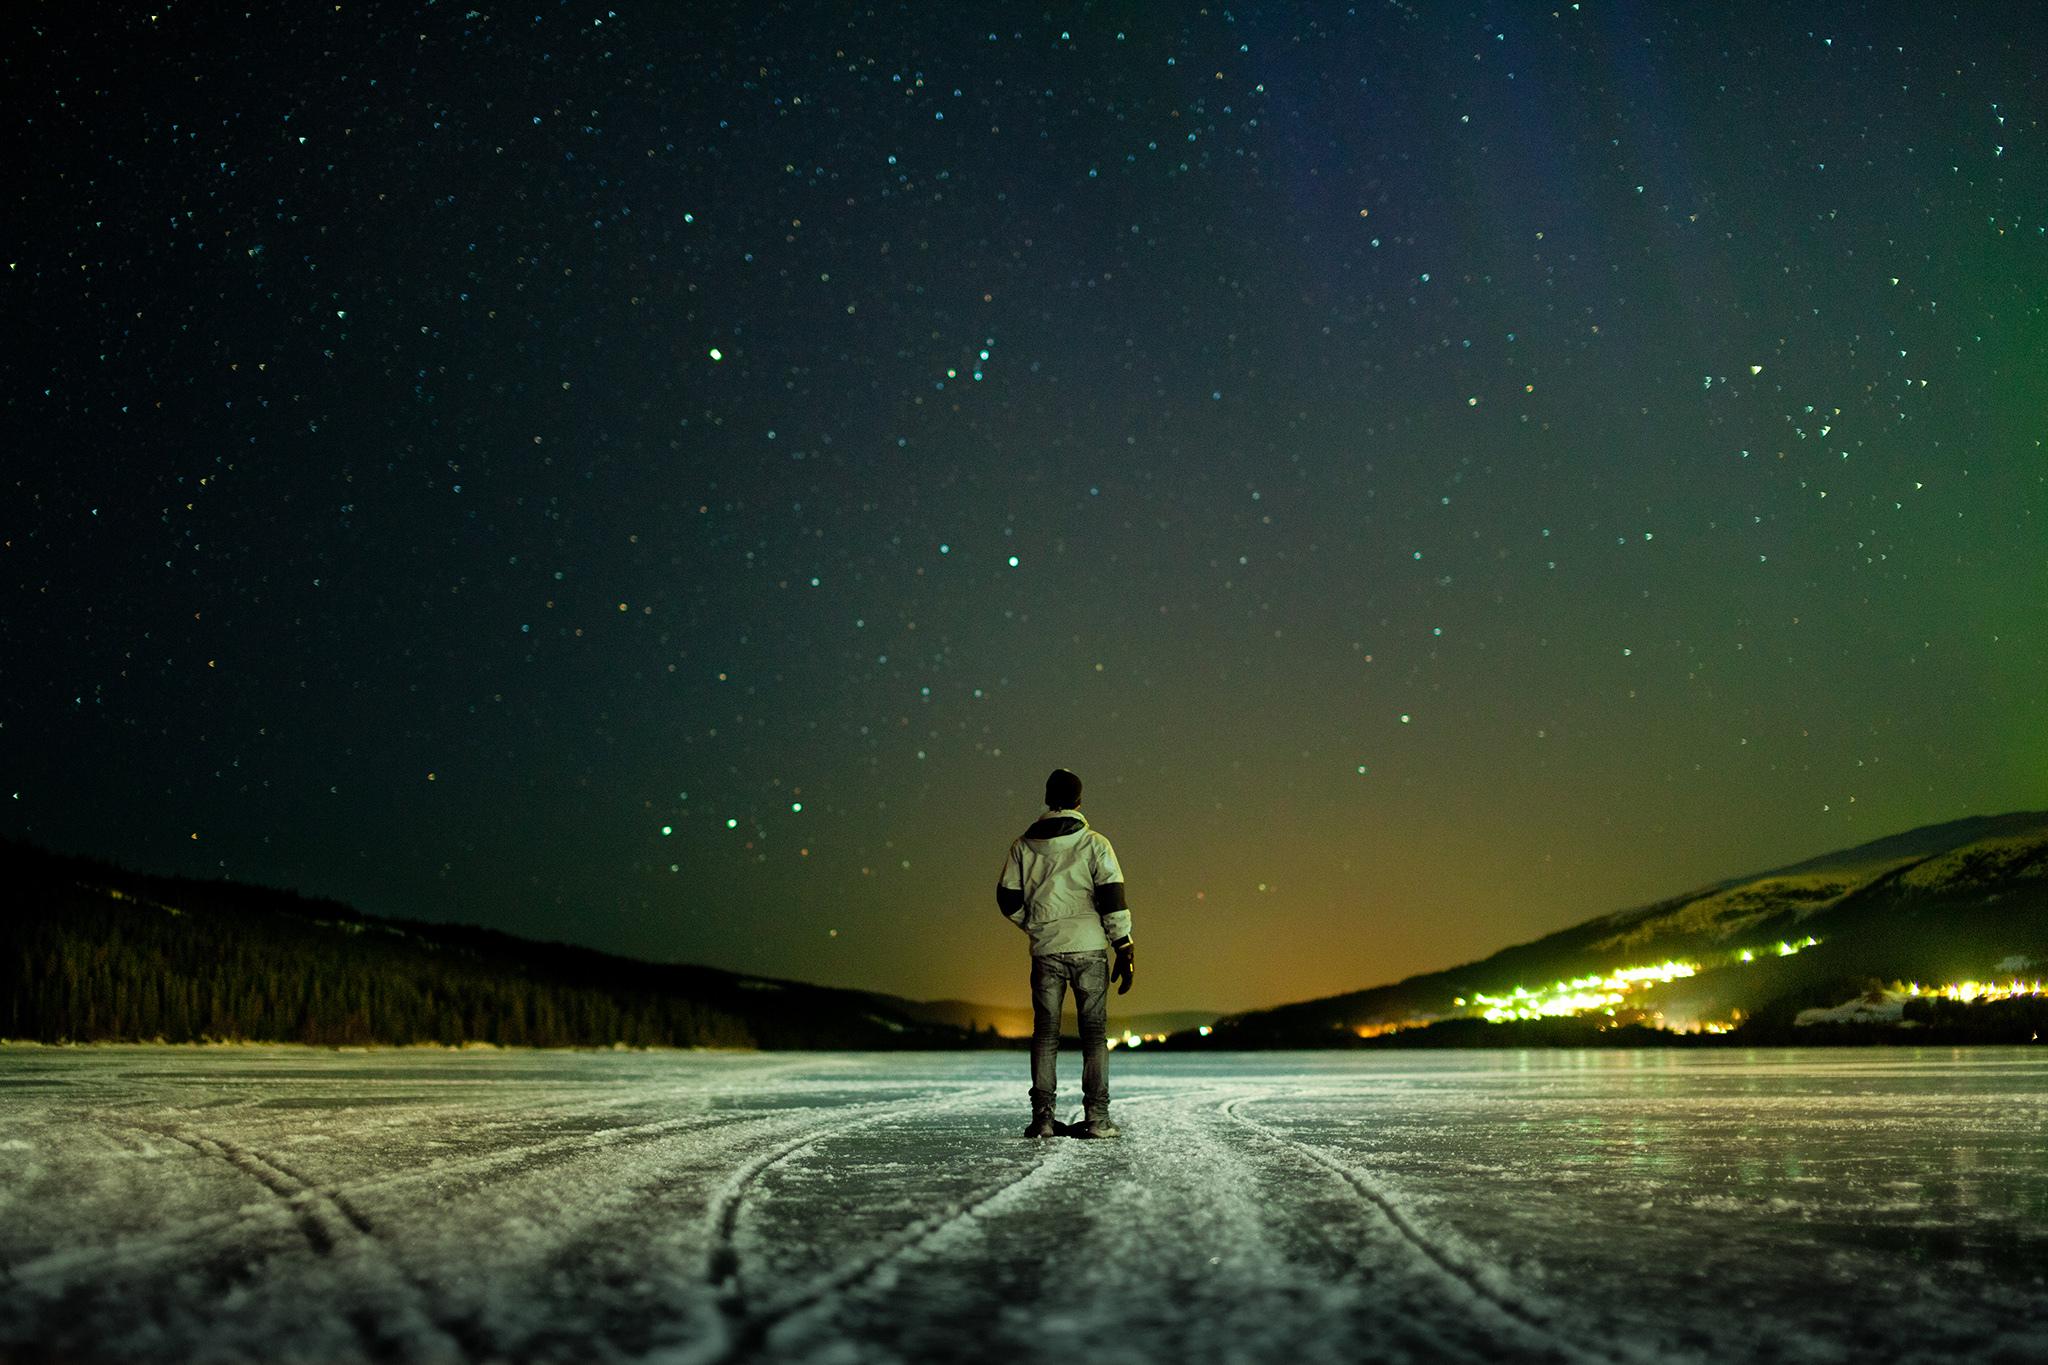 night-winter-sky-stars-river-ice-the-horizon-the-lights-man_-mood-tilt-shift-tilt-shift-background-pictures-wallpaper-wallpapers.jpg